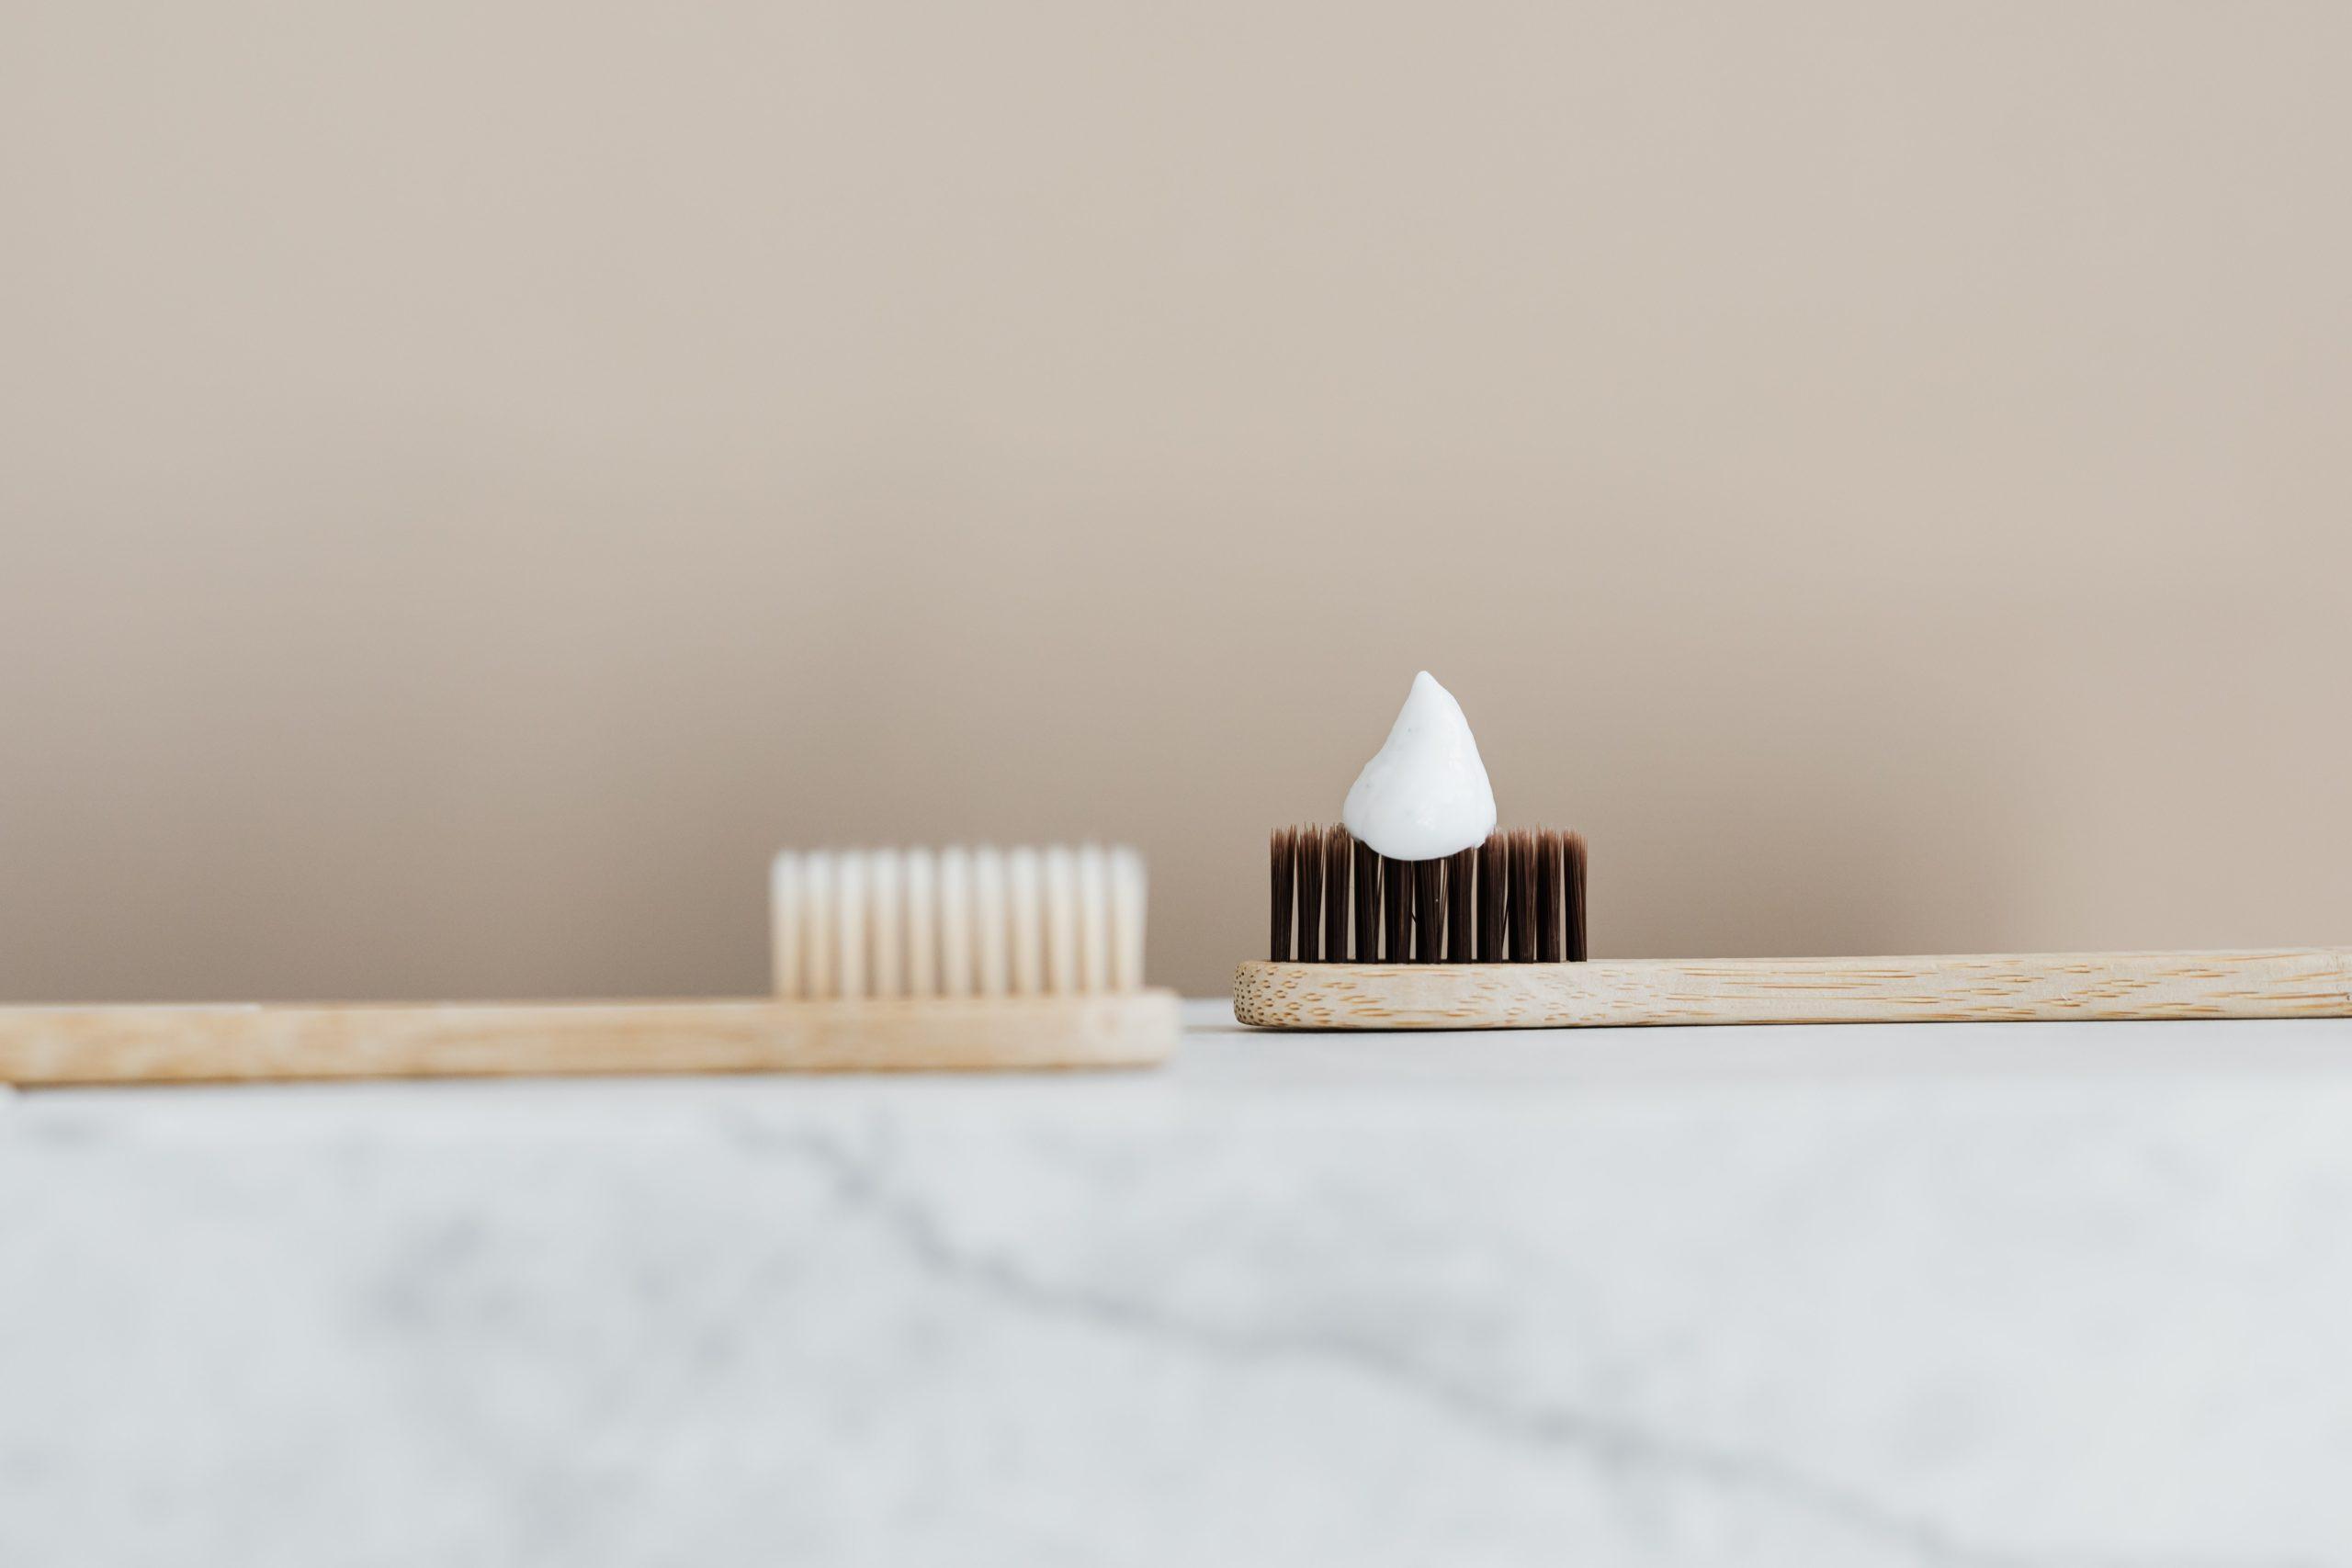 竹製の歯ブラシ